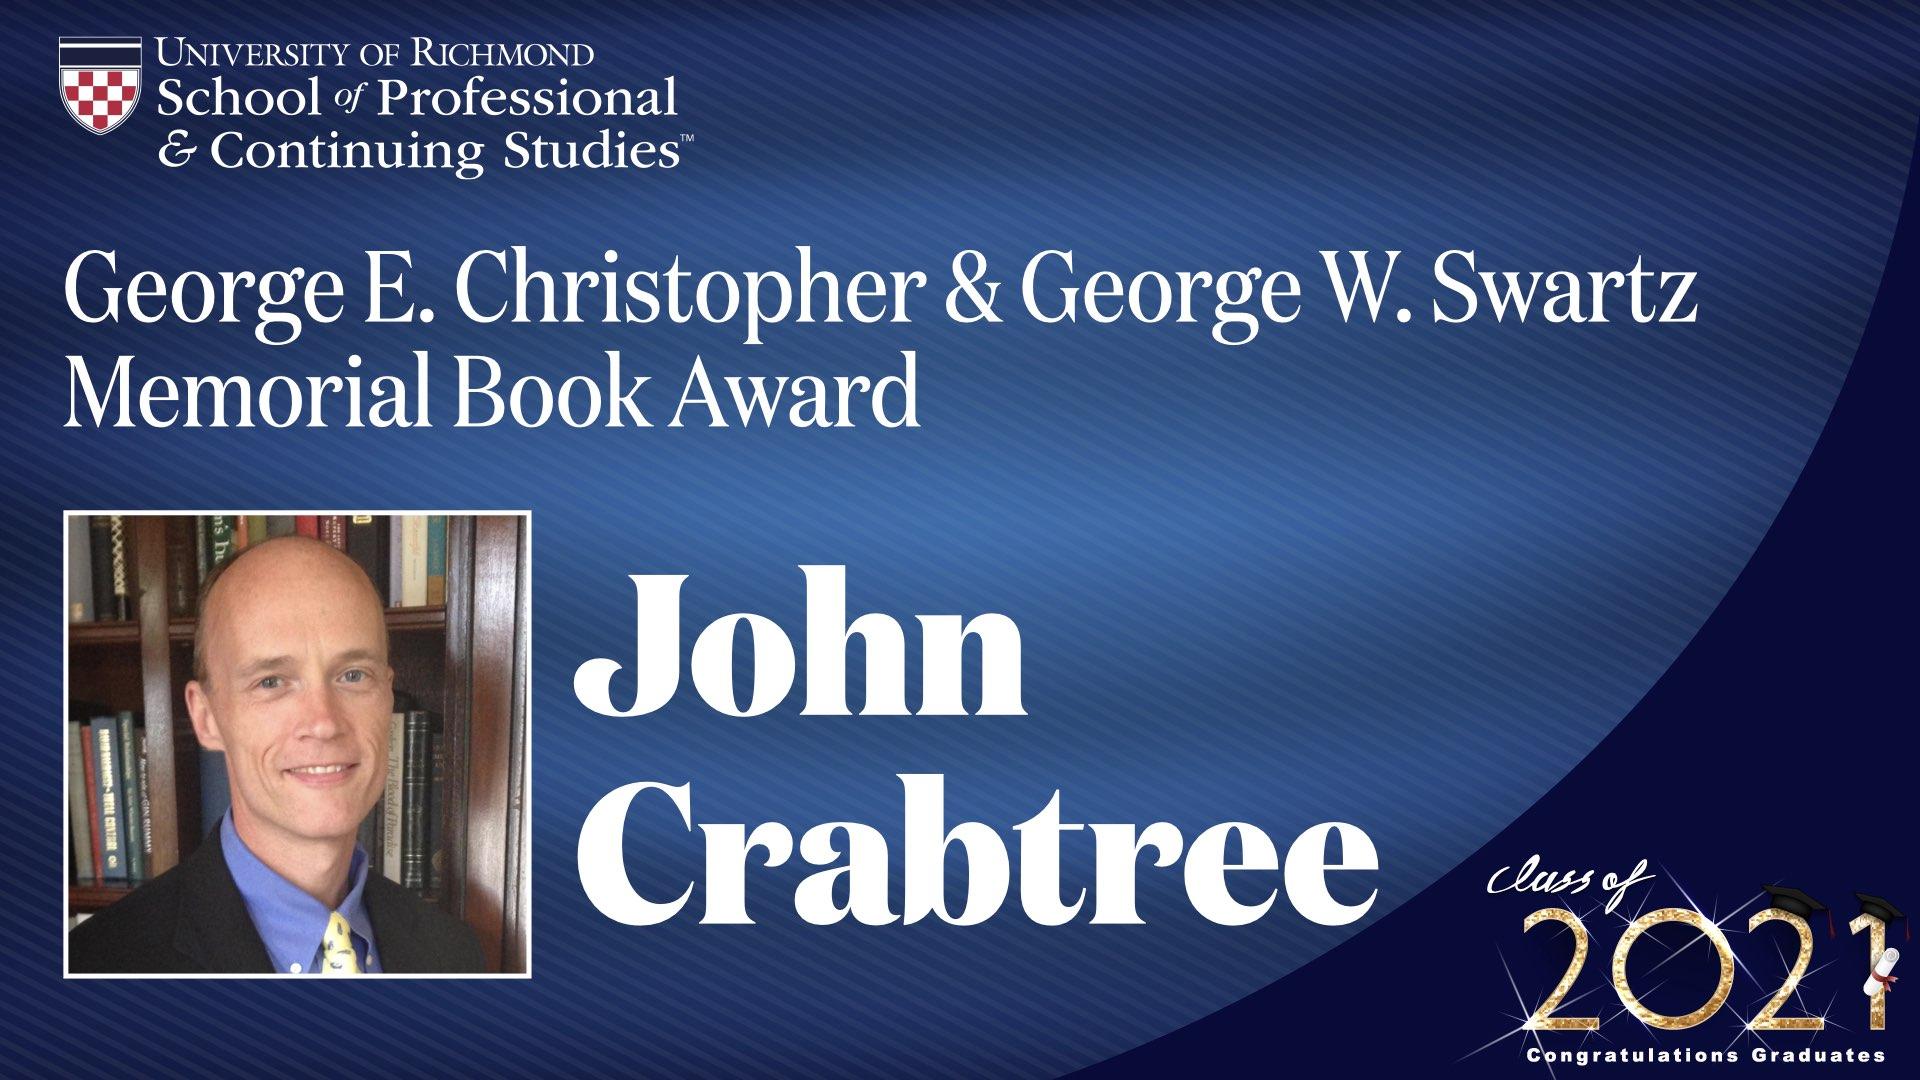 John Crabtree headshot and award name